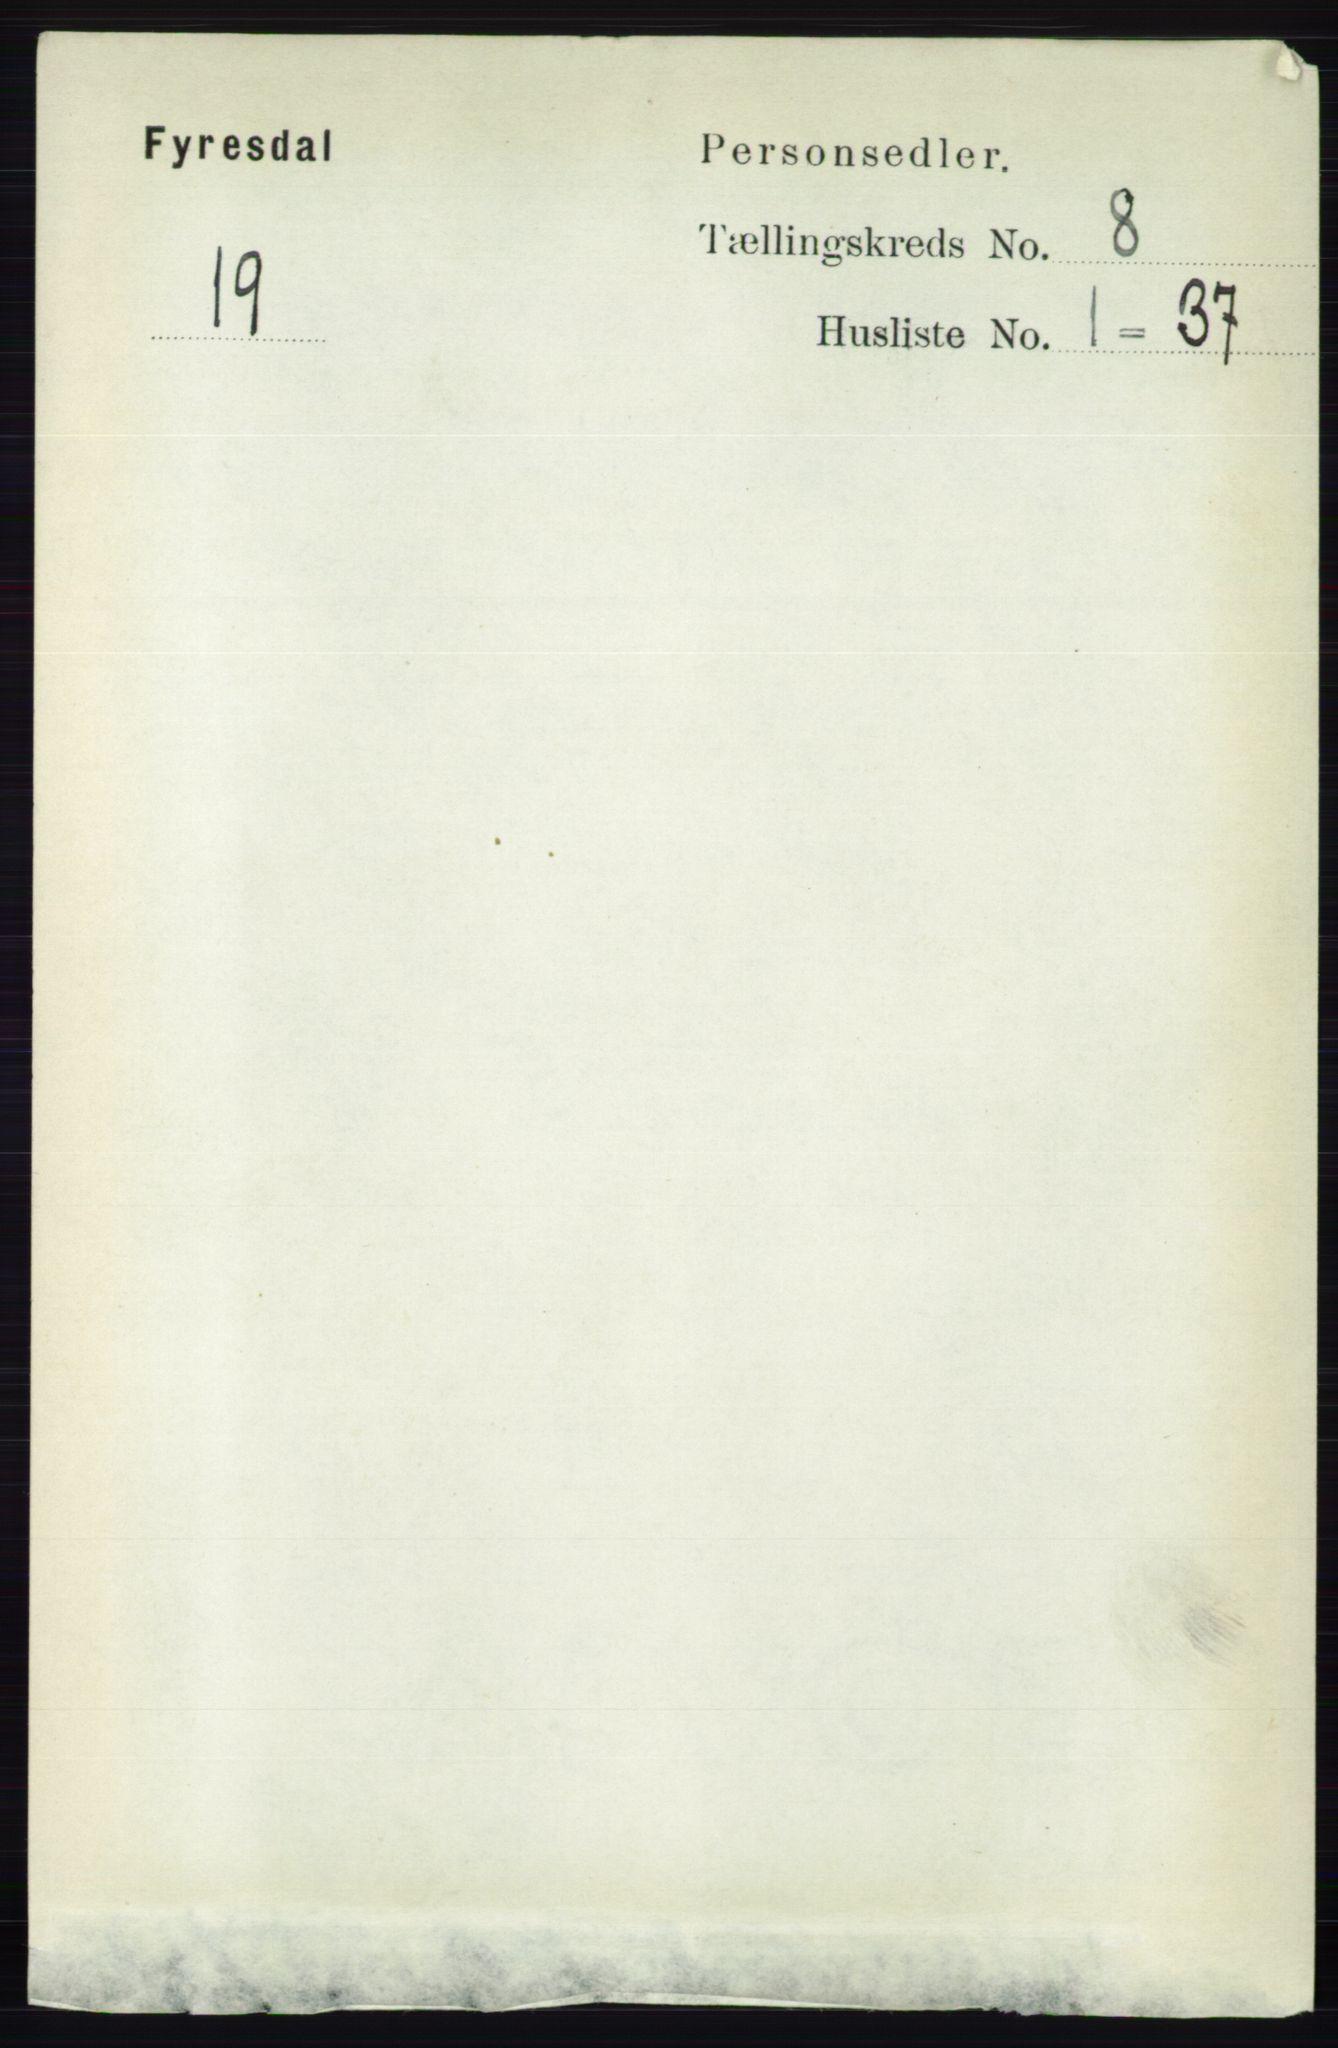 RA, Folketelling 1891 for 0831 Fyresdal herred, 1891, s. 2173